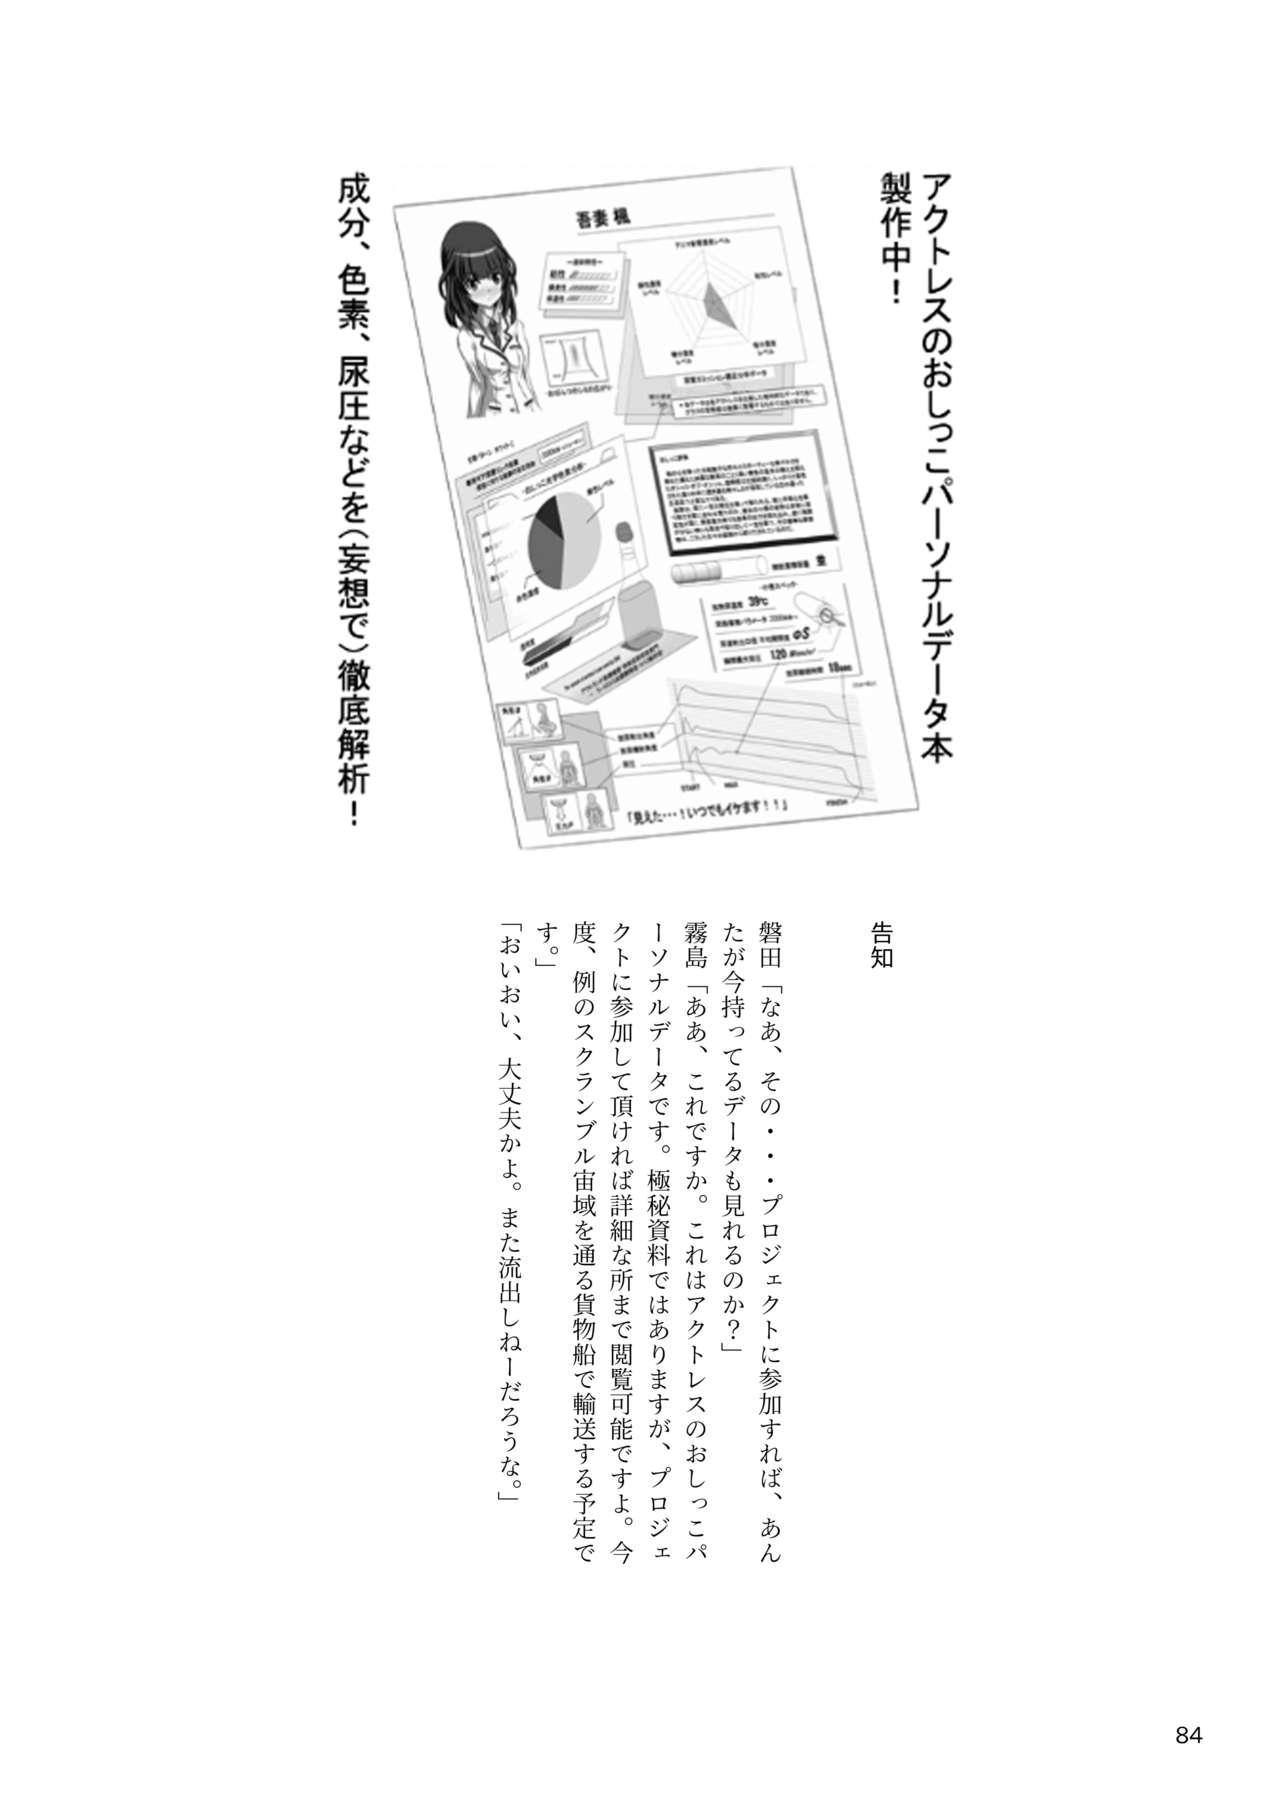 ア○スギア総合スカトロアンソロジー アクトレス排泄実態調査任務~スカポためるっすか!?~ 83